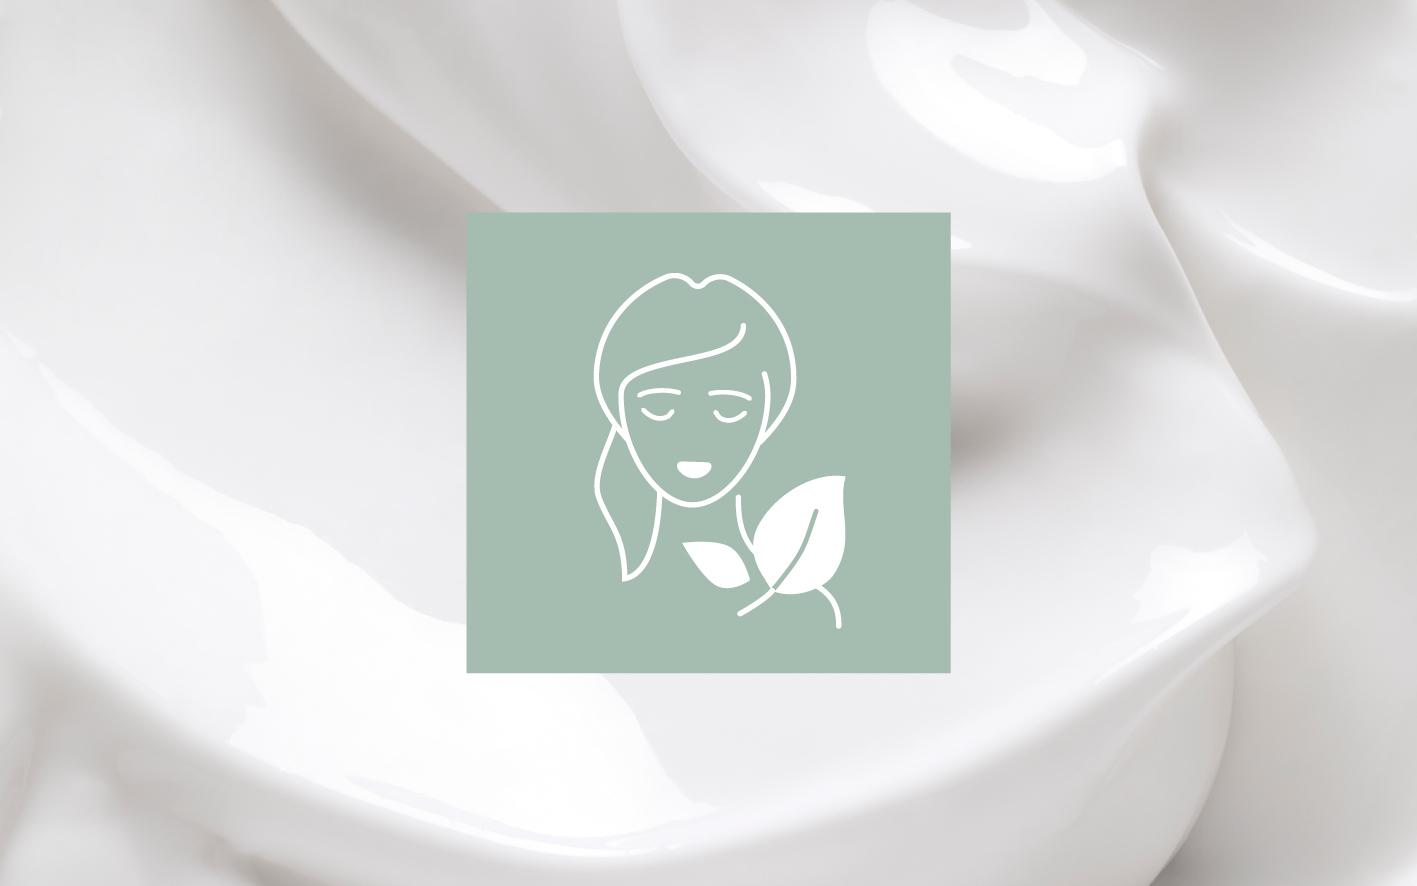 ekološka kozmetika - zdrava lepota